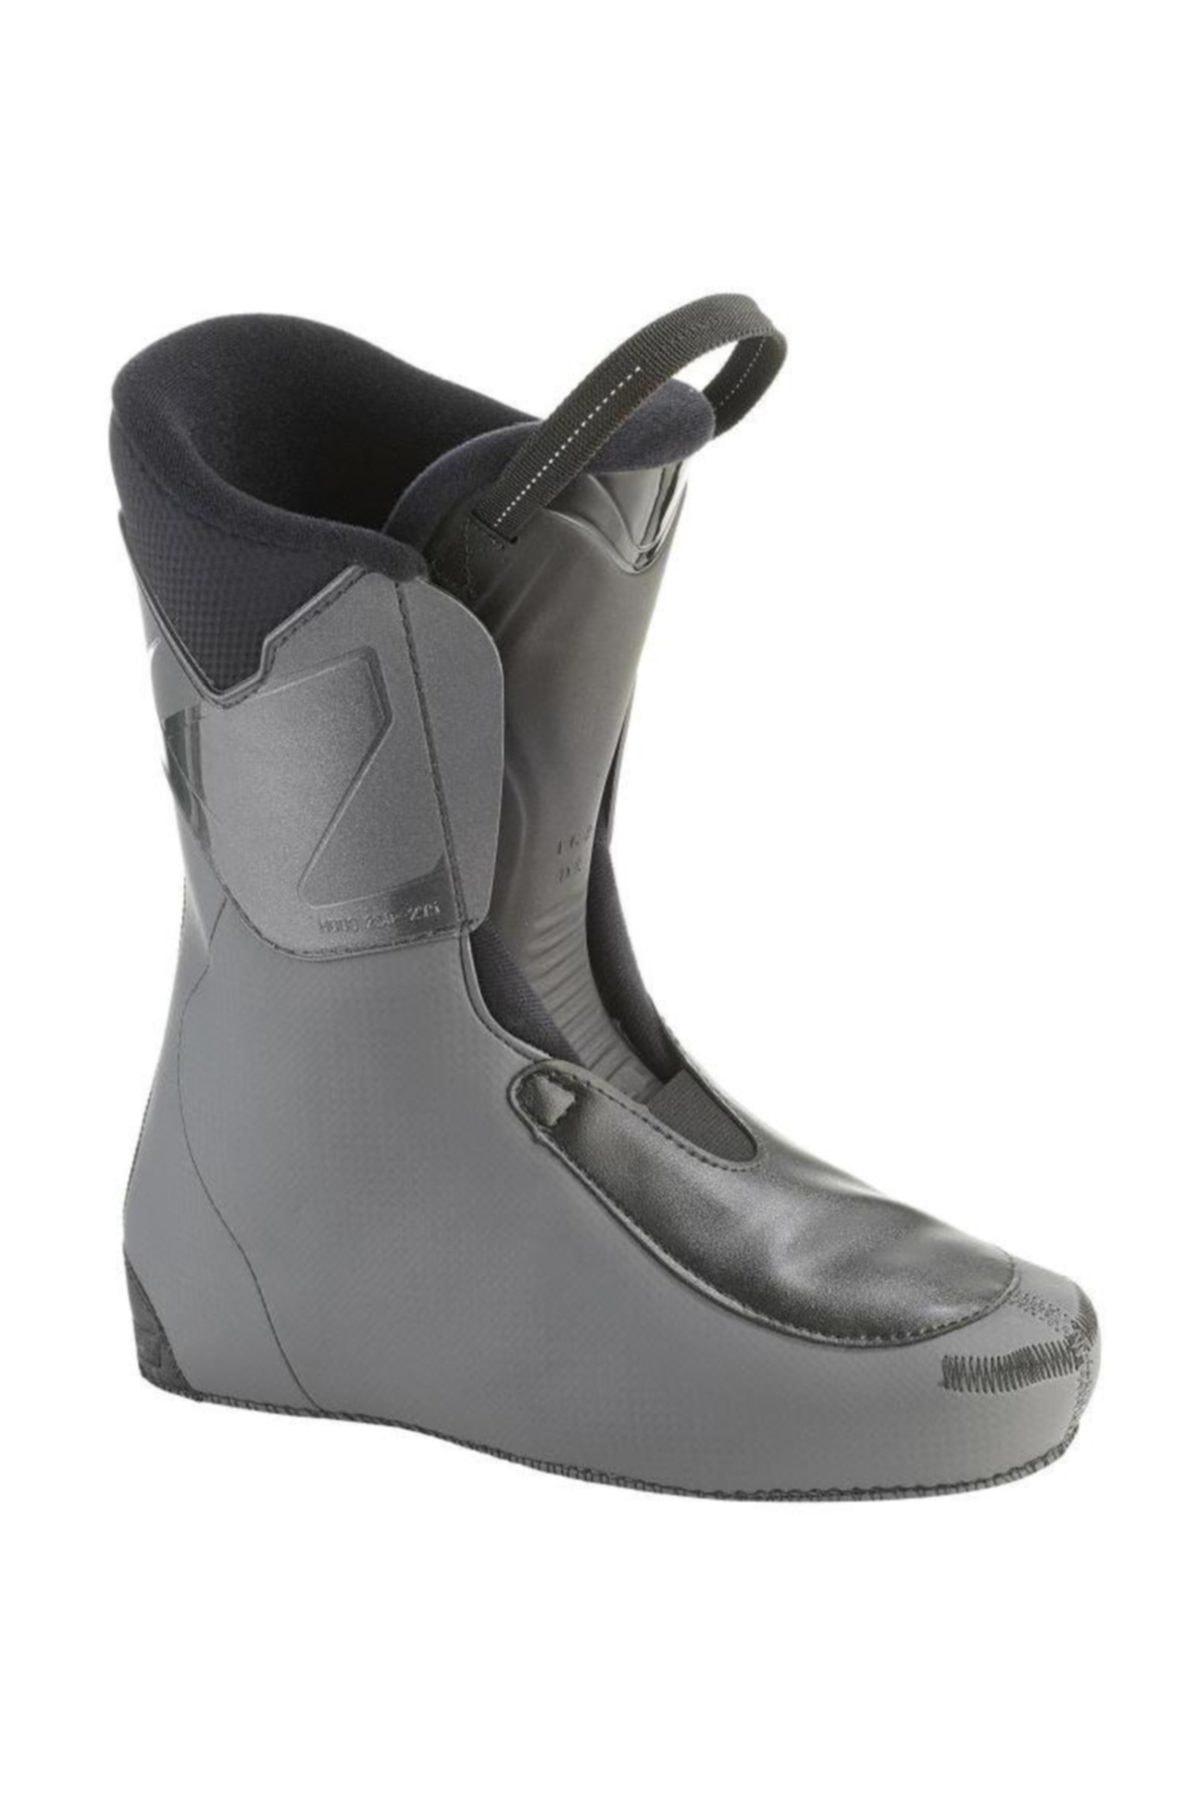 WEDZE Erkek Kayak Ayakkabısı Isı Yalıtımlı Ayarlanabilir Yapı Vücuda Uygunluk 2